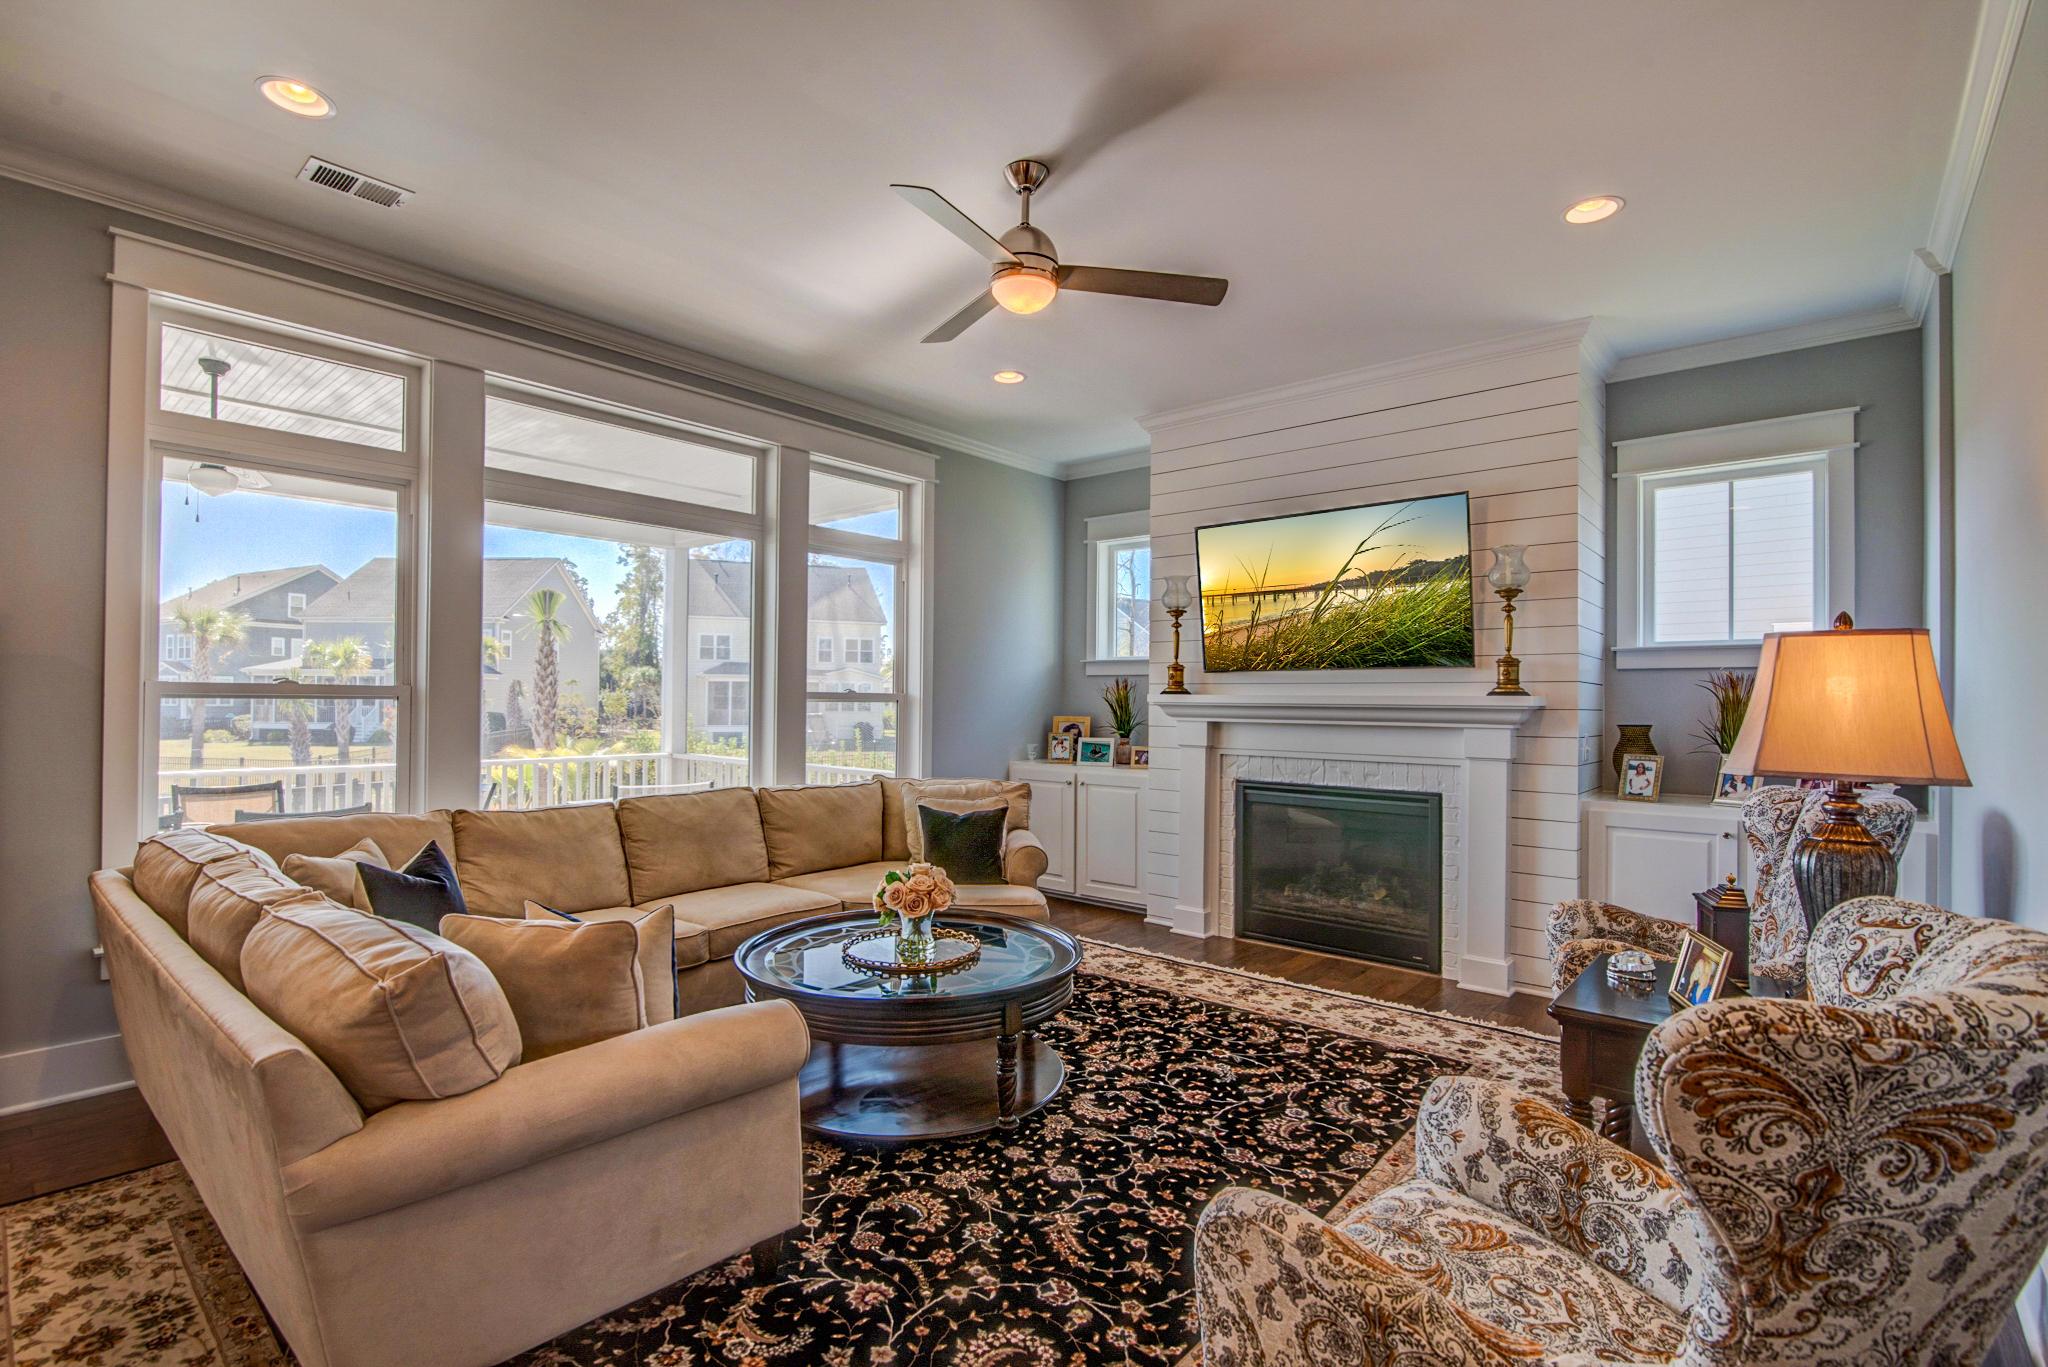 Dunes West Homes For Sale - 2883 River Vista, Mount Pleasant, SC - 48